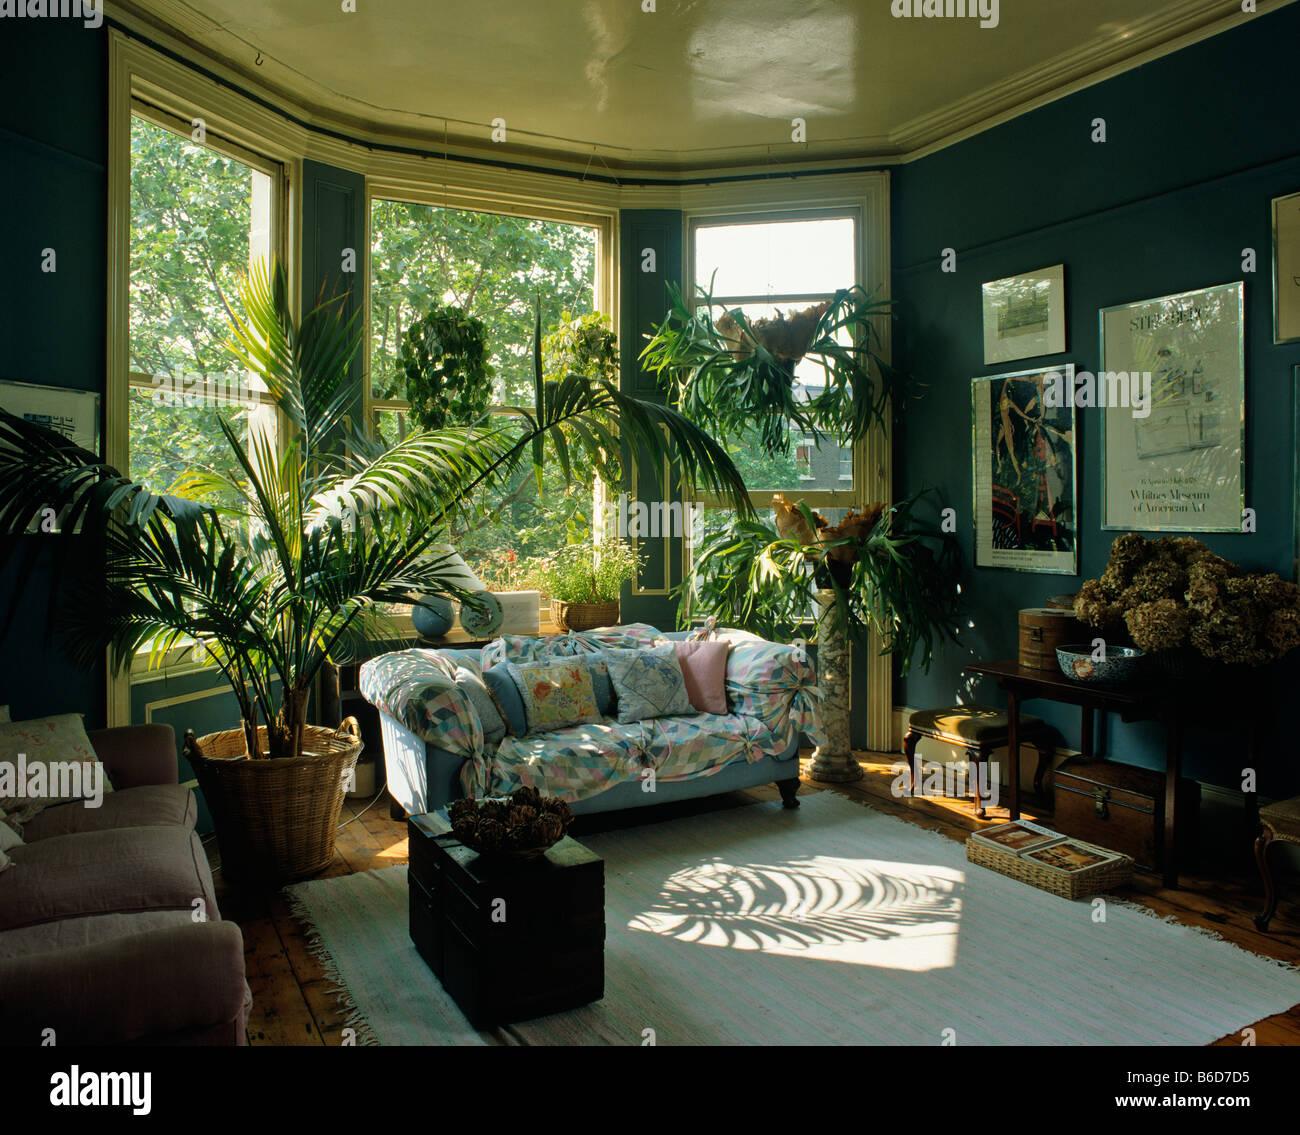 Living room decor 80s stockfotos living room decor 80s for Wohnzimmer 80er stil